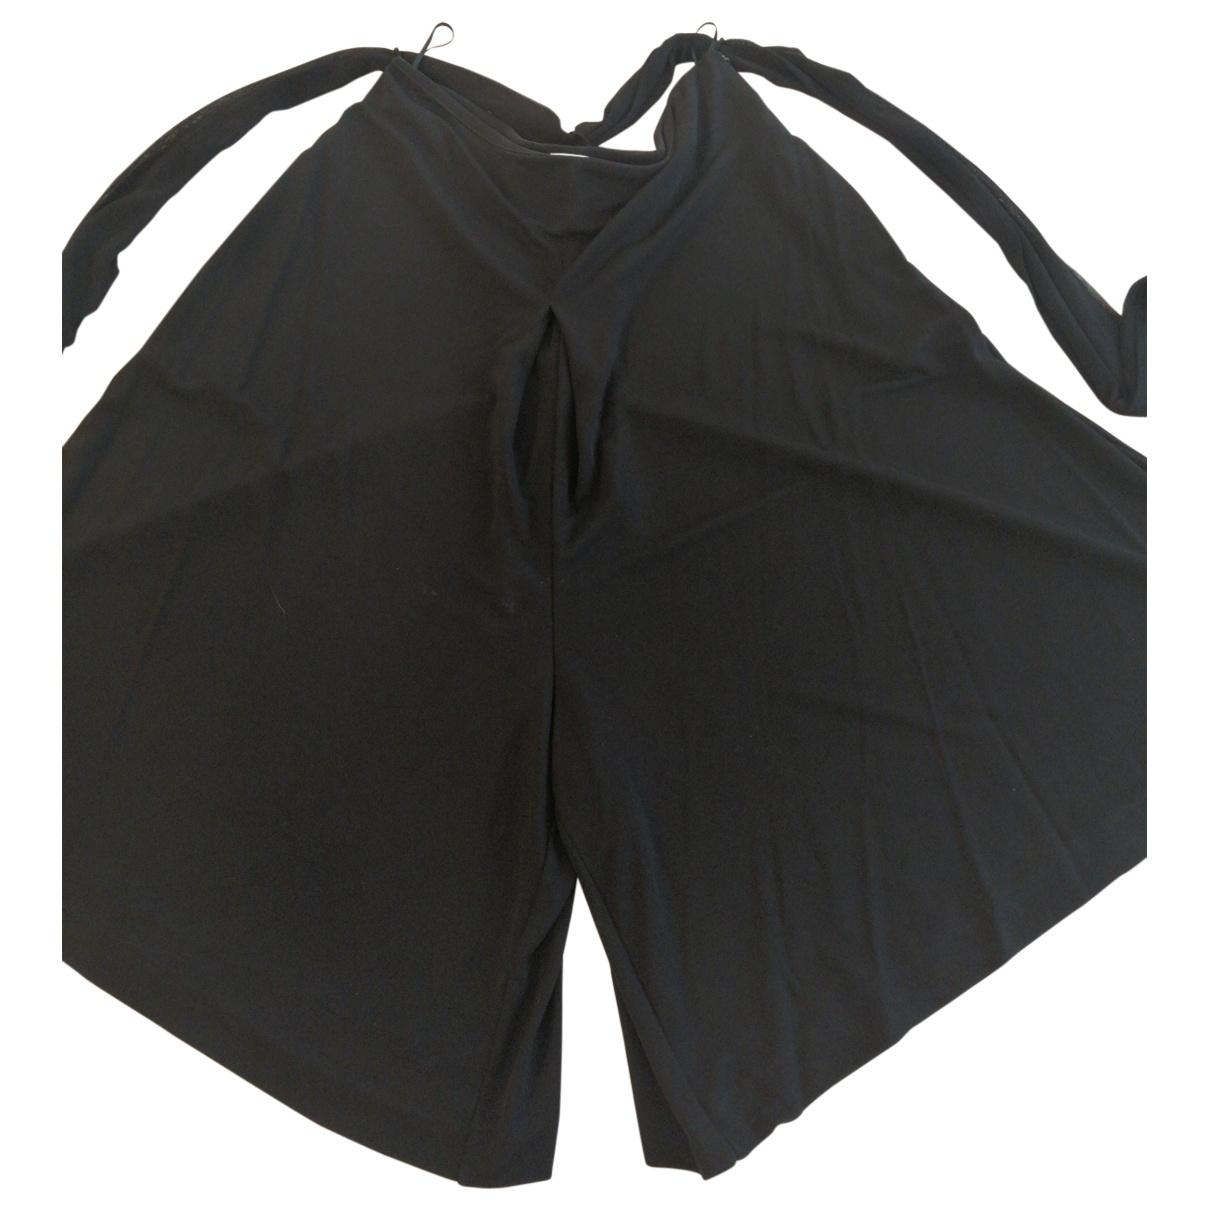 Yves Saint Laurent \N Black skirt for Women M International